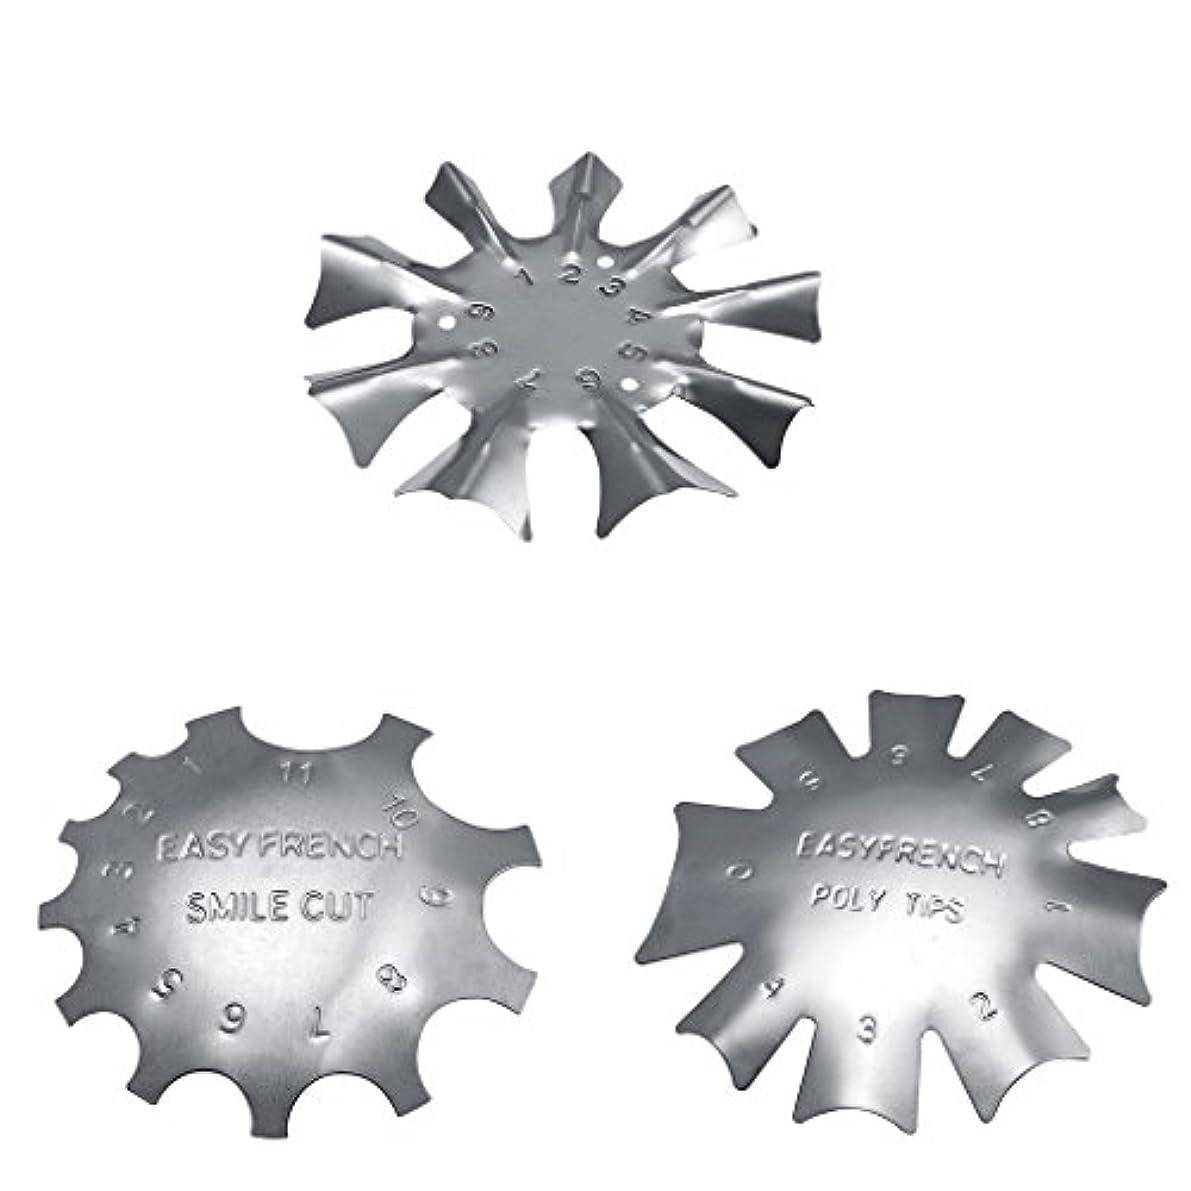 分離半球カップToygogo 3スタイル簡単フレンチスマイルカットラインエッジトリマーマニキュアネイルアートステンシルテンプレートツール耐久性のあるステンレス鋼